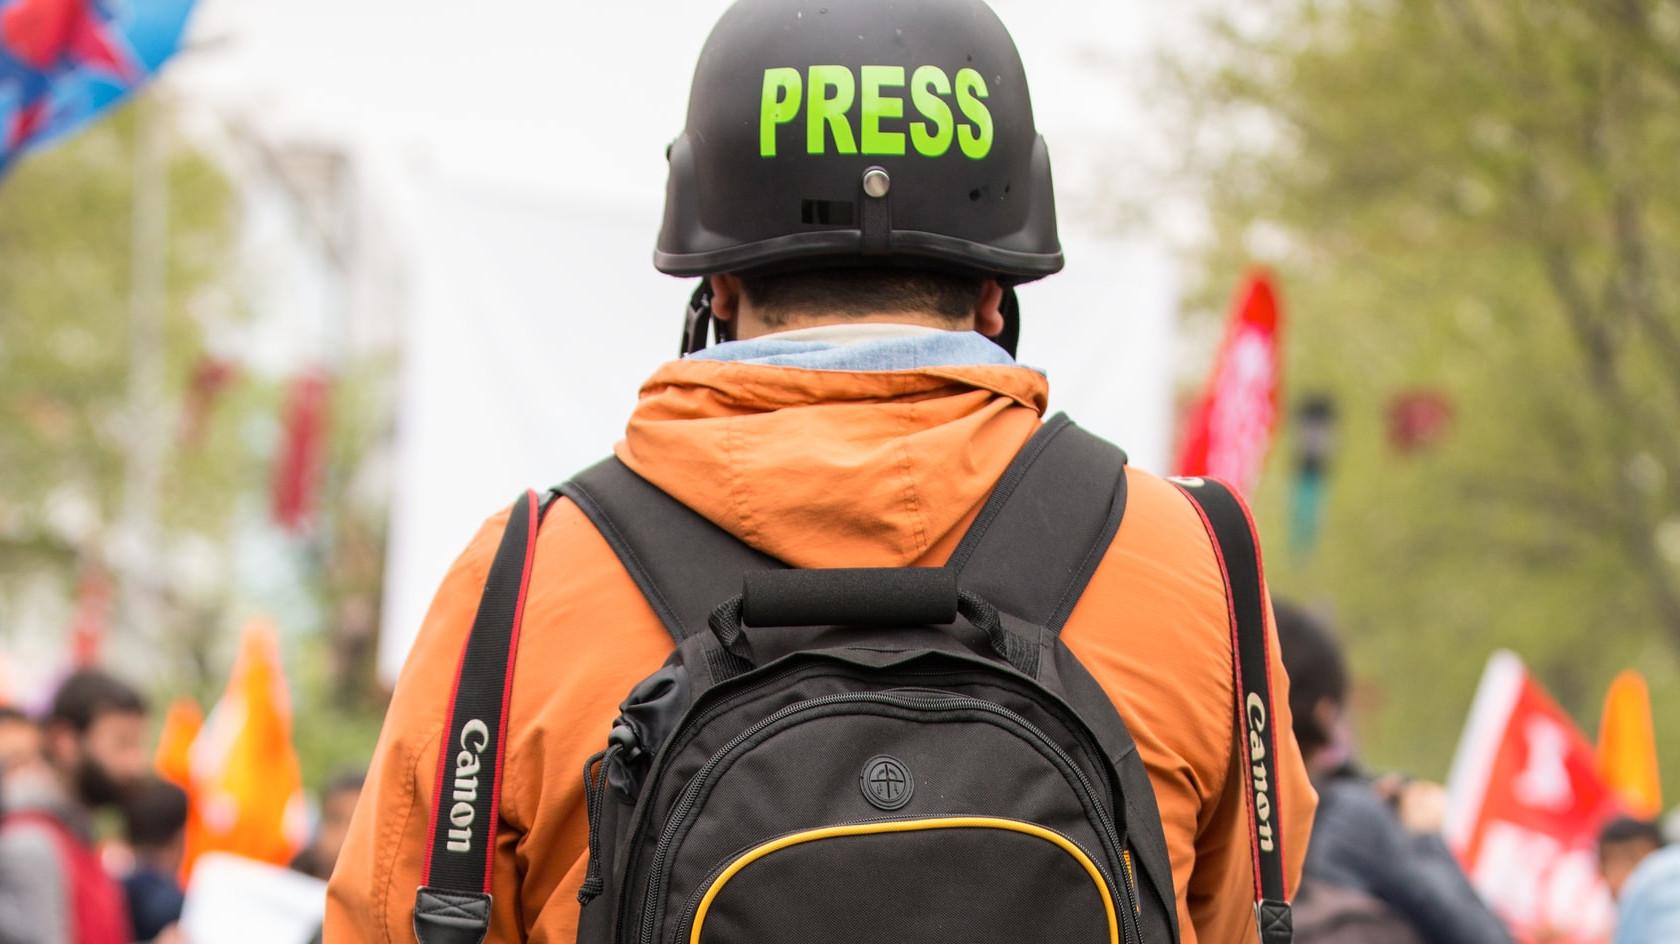 Ein Journalist mit Helm auf dem Kopf auf einer Demo